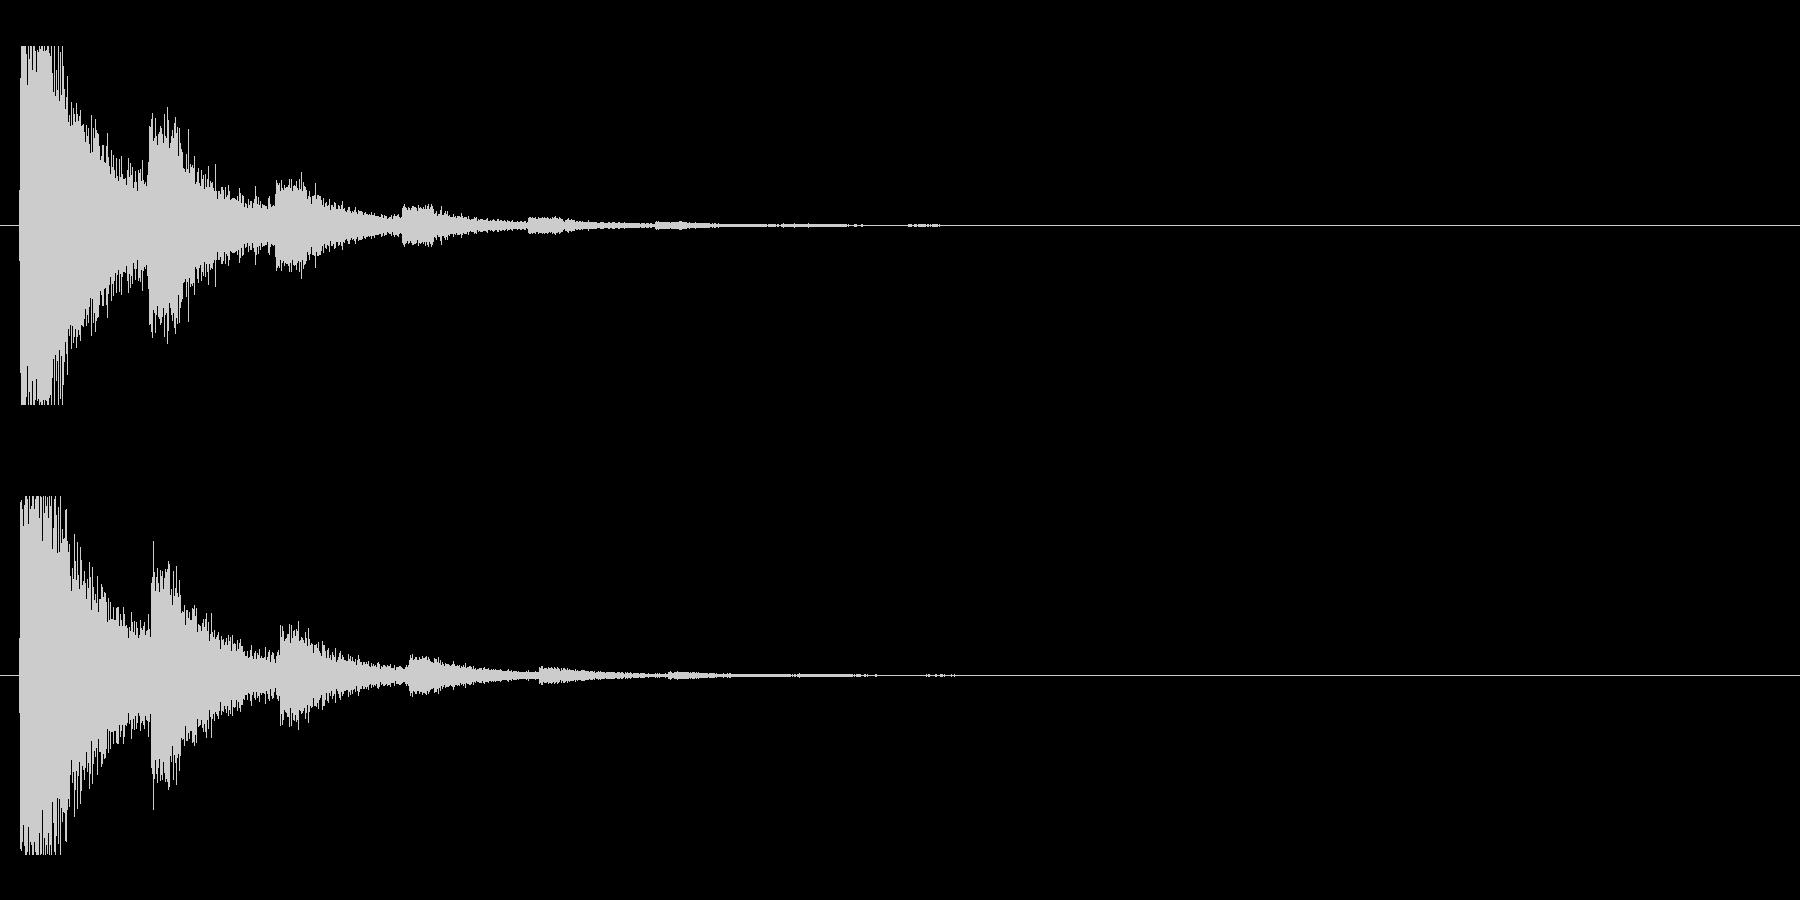 レーザー音-91-2の未再生の波形